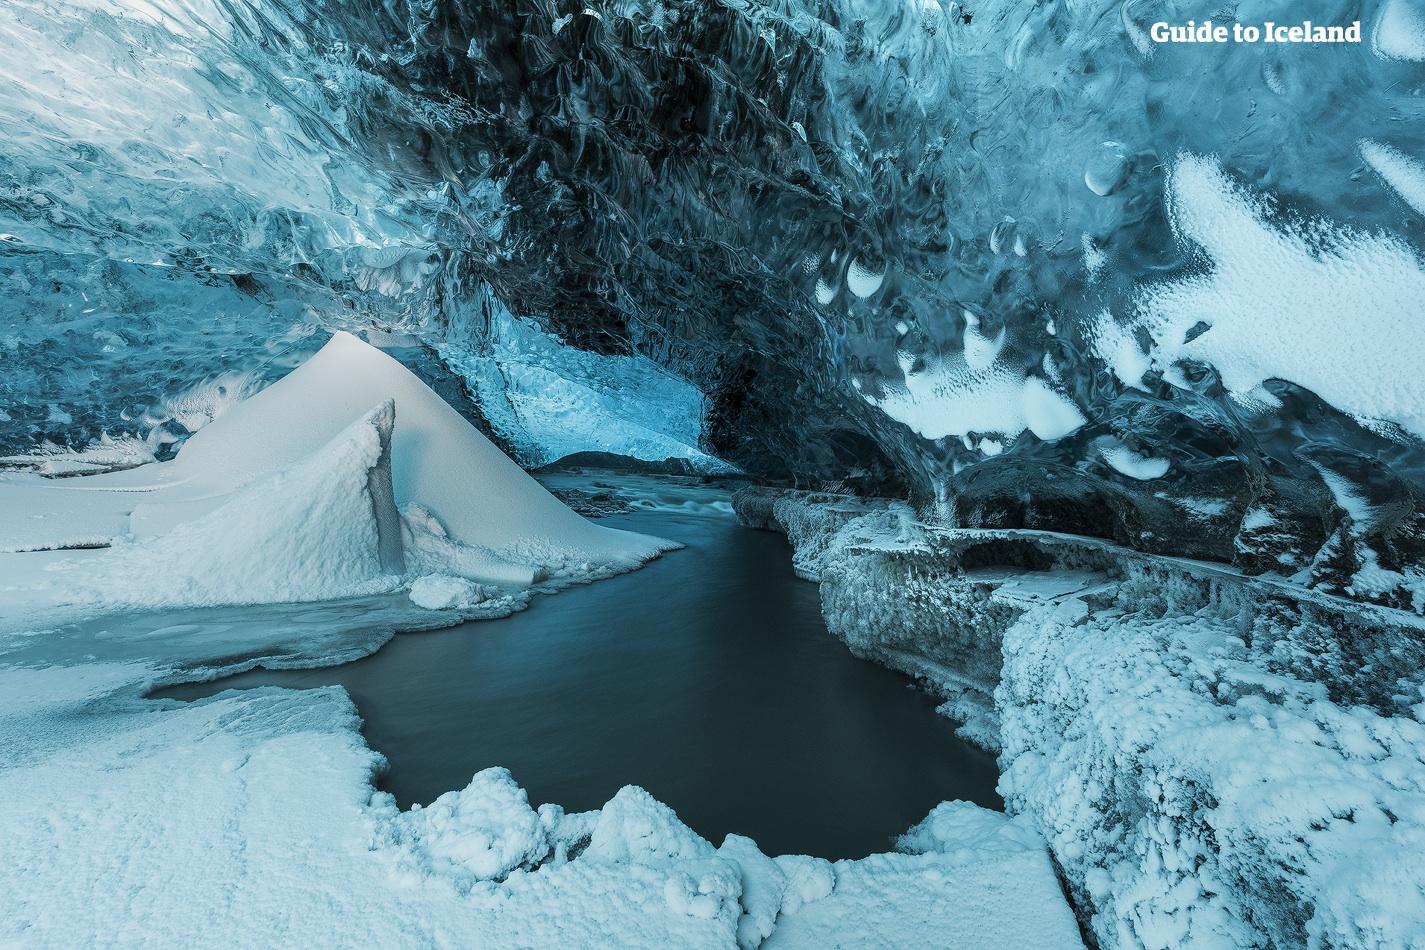 9-дневное зимнее путешествие | Вся Исландия - day 4